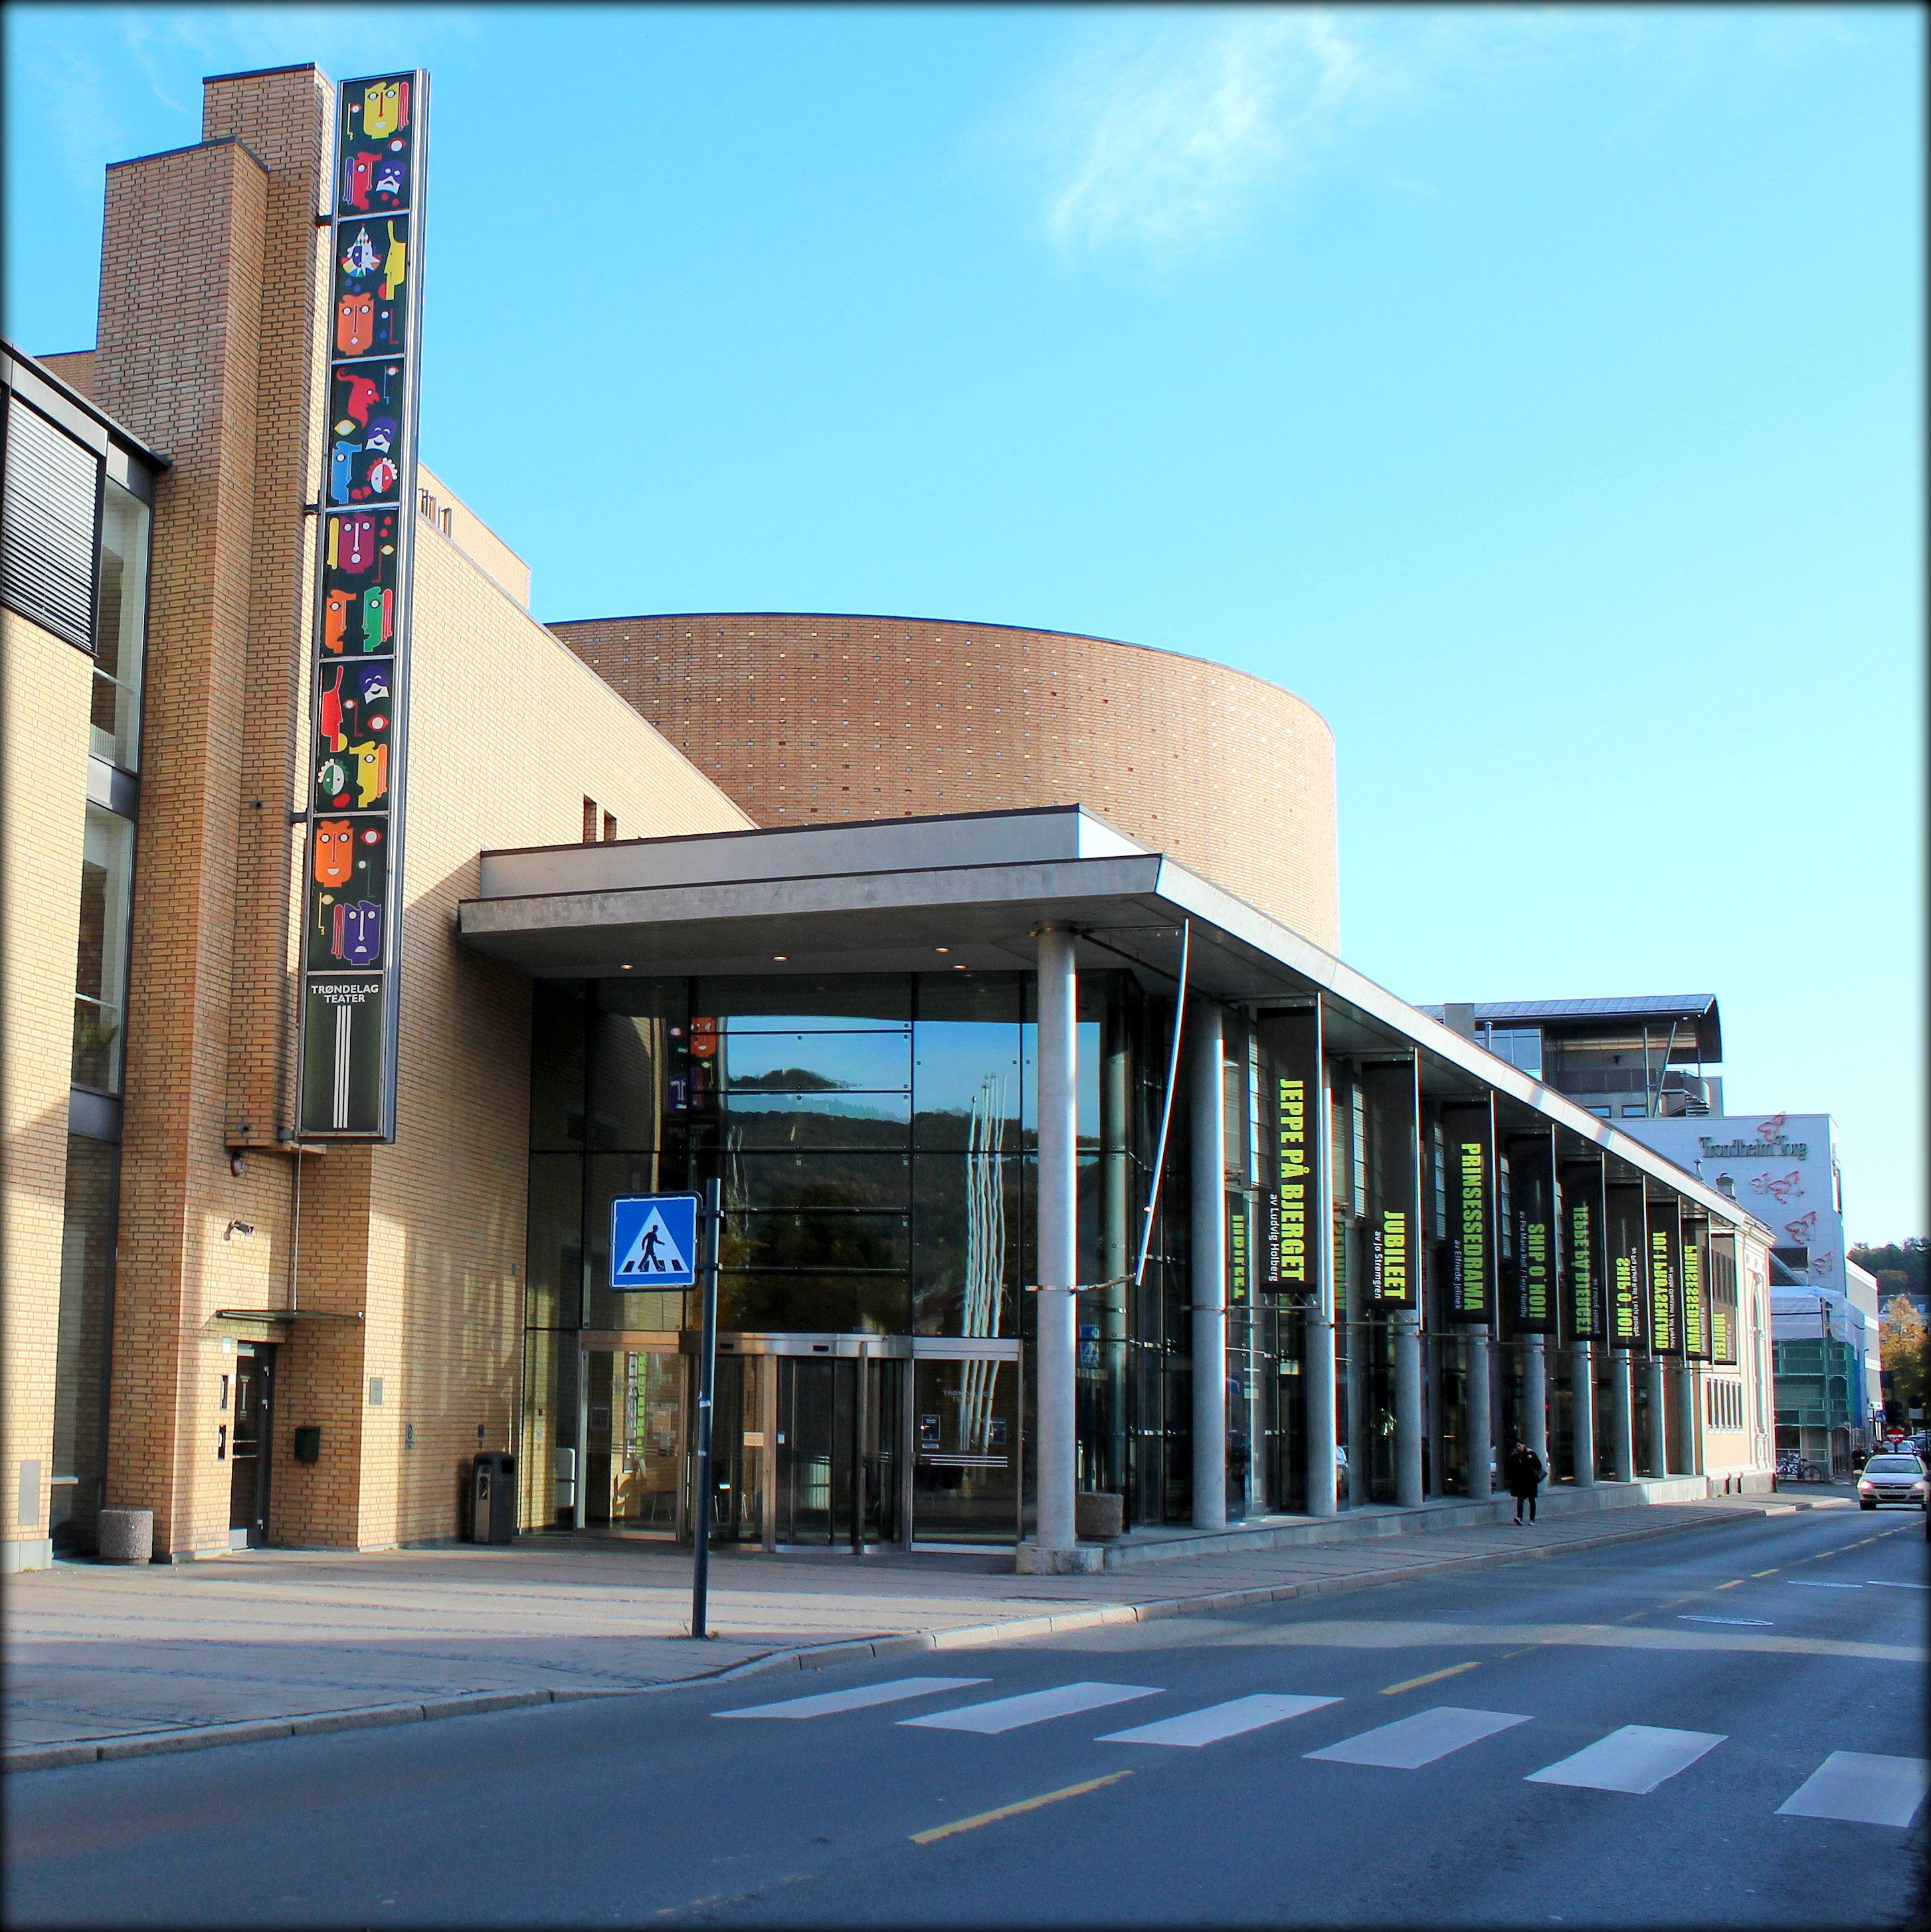 Trøndelag Teater, Fasaden av Trøndelag Teater i Trondheim, sett fra Erling Skakkes gate